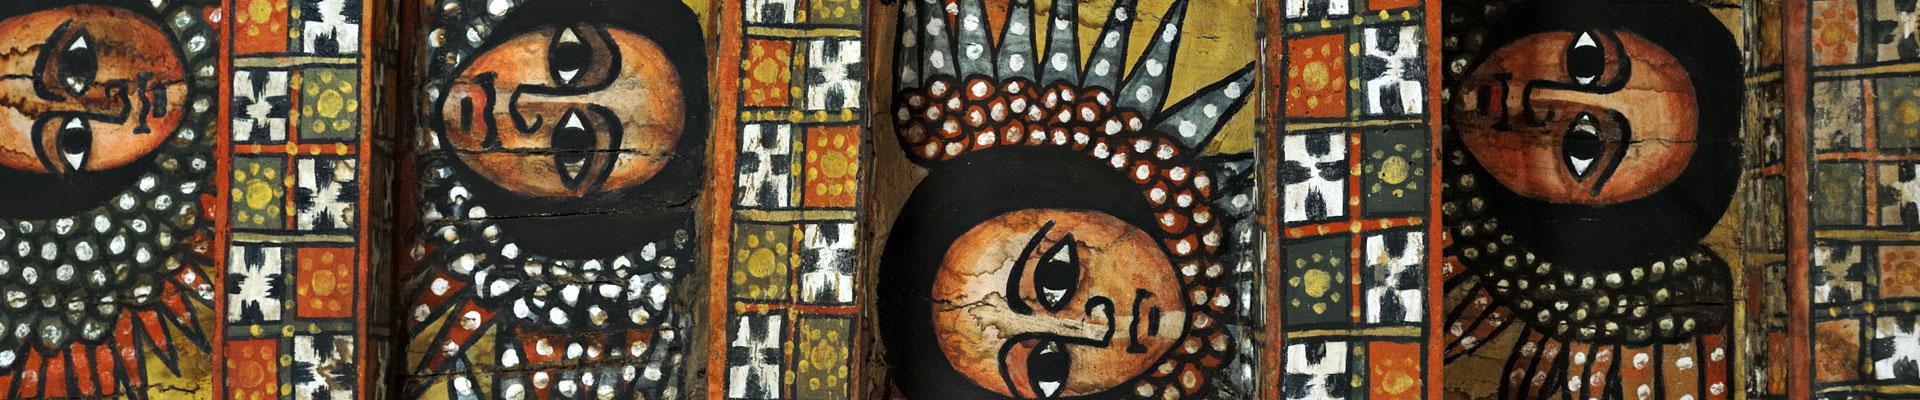 Top image chérubins peint dans une église de Gondar, Ethiopie